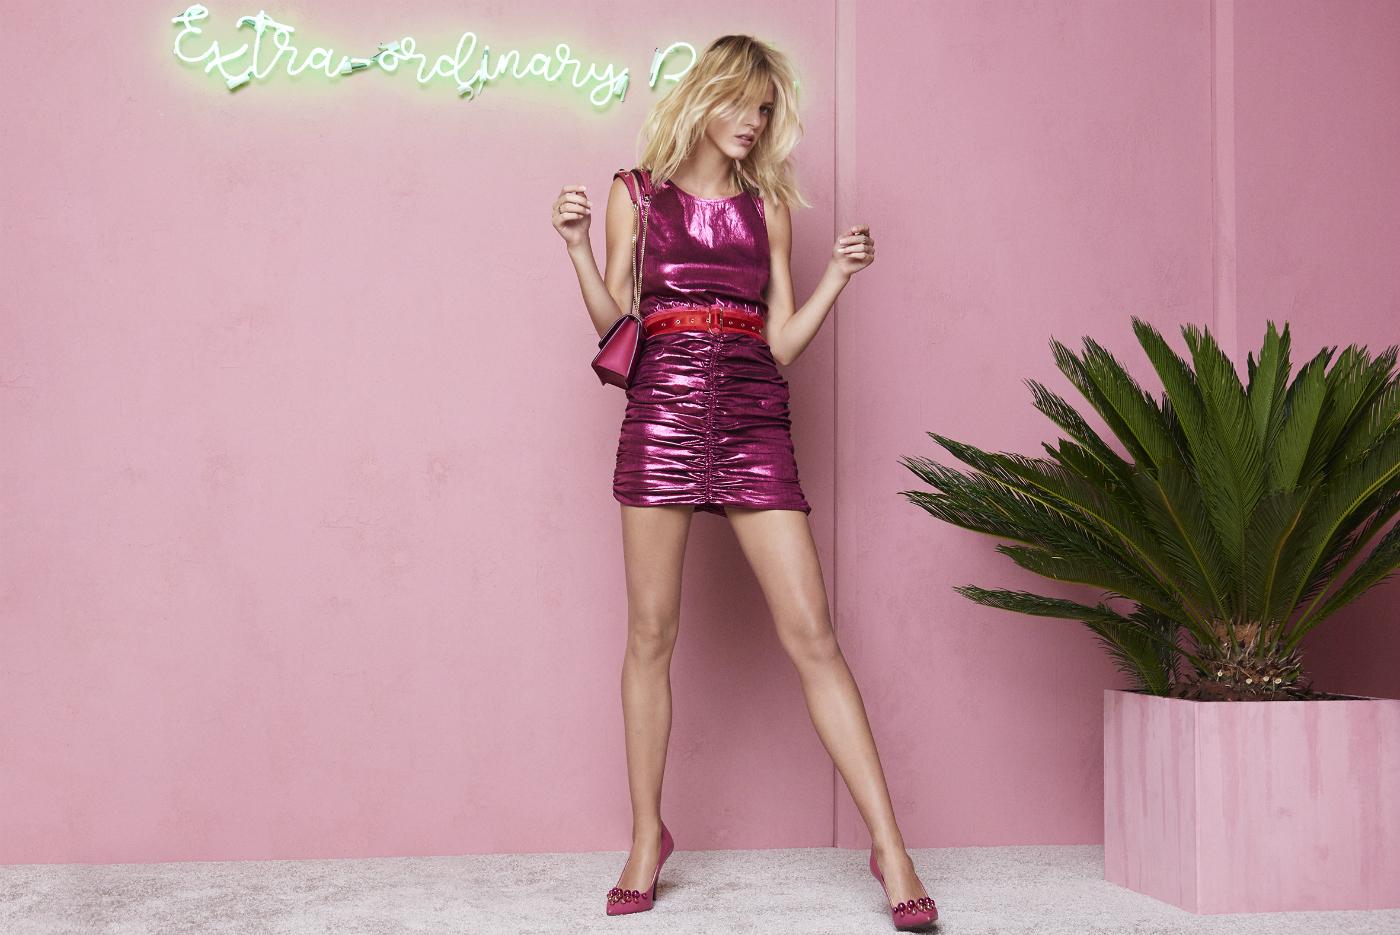 innovative design 479f6 40550 Patrizia Pepe: borse, scarpe e abiti glam rock alla fashion ...